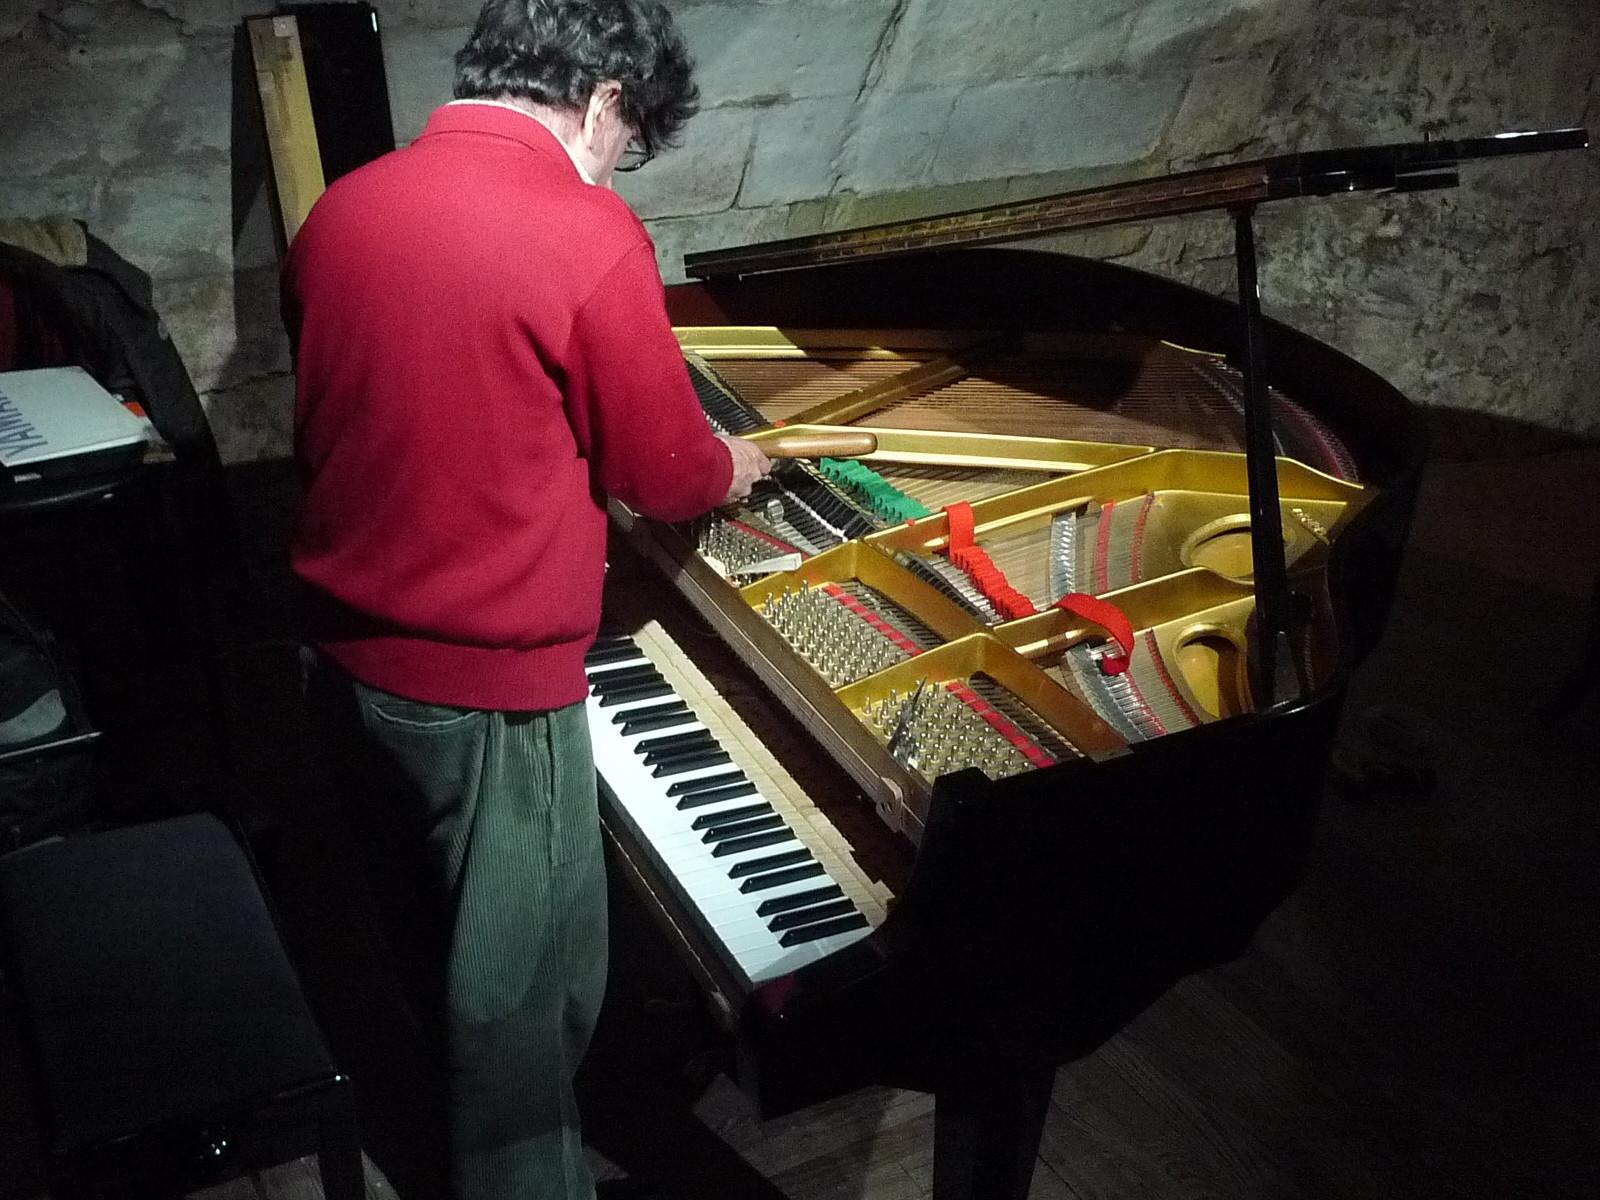 Mais certains instruments sont voués à une utilisation intensive.